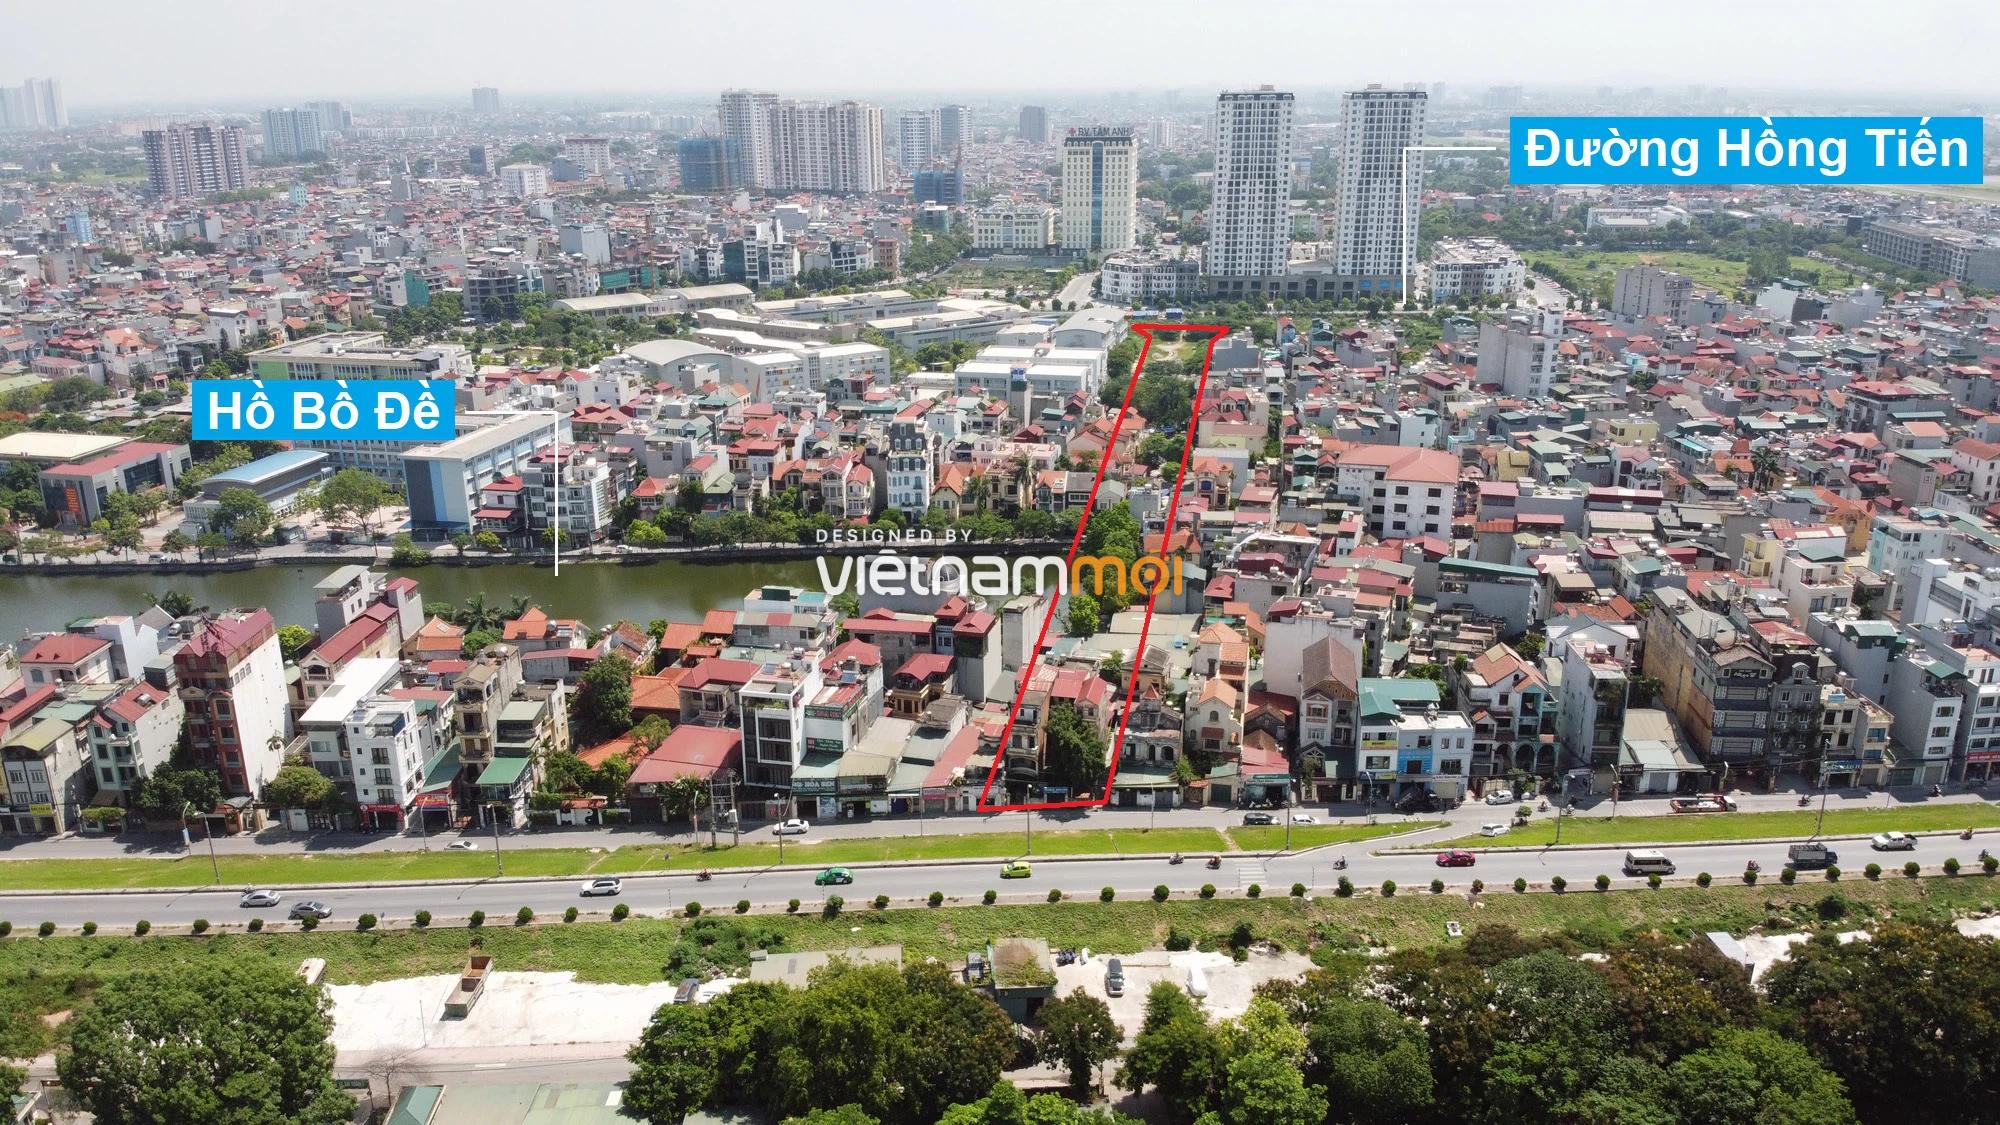 Những khu đất sắp thu hồi để mở đường ở phường Bồ Đề, Long Biên, Hà Nội (phần 1) - Ảnh 16.